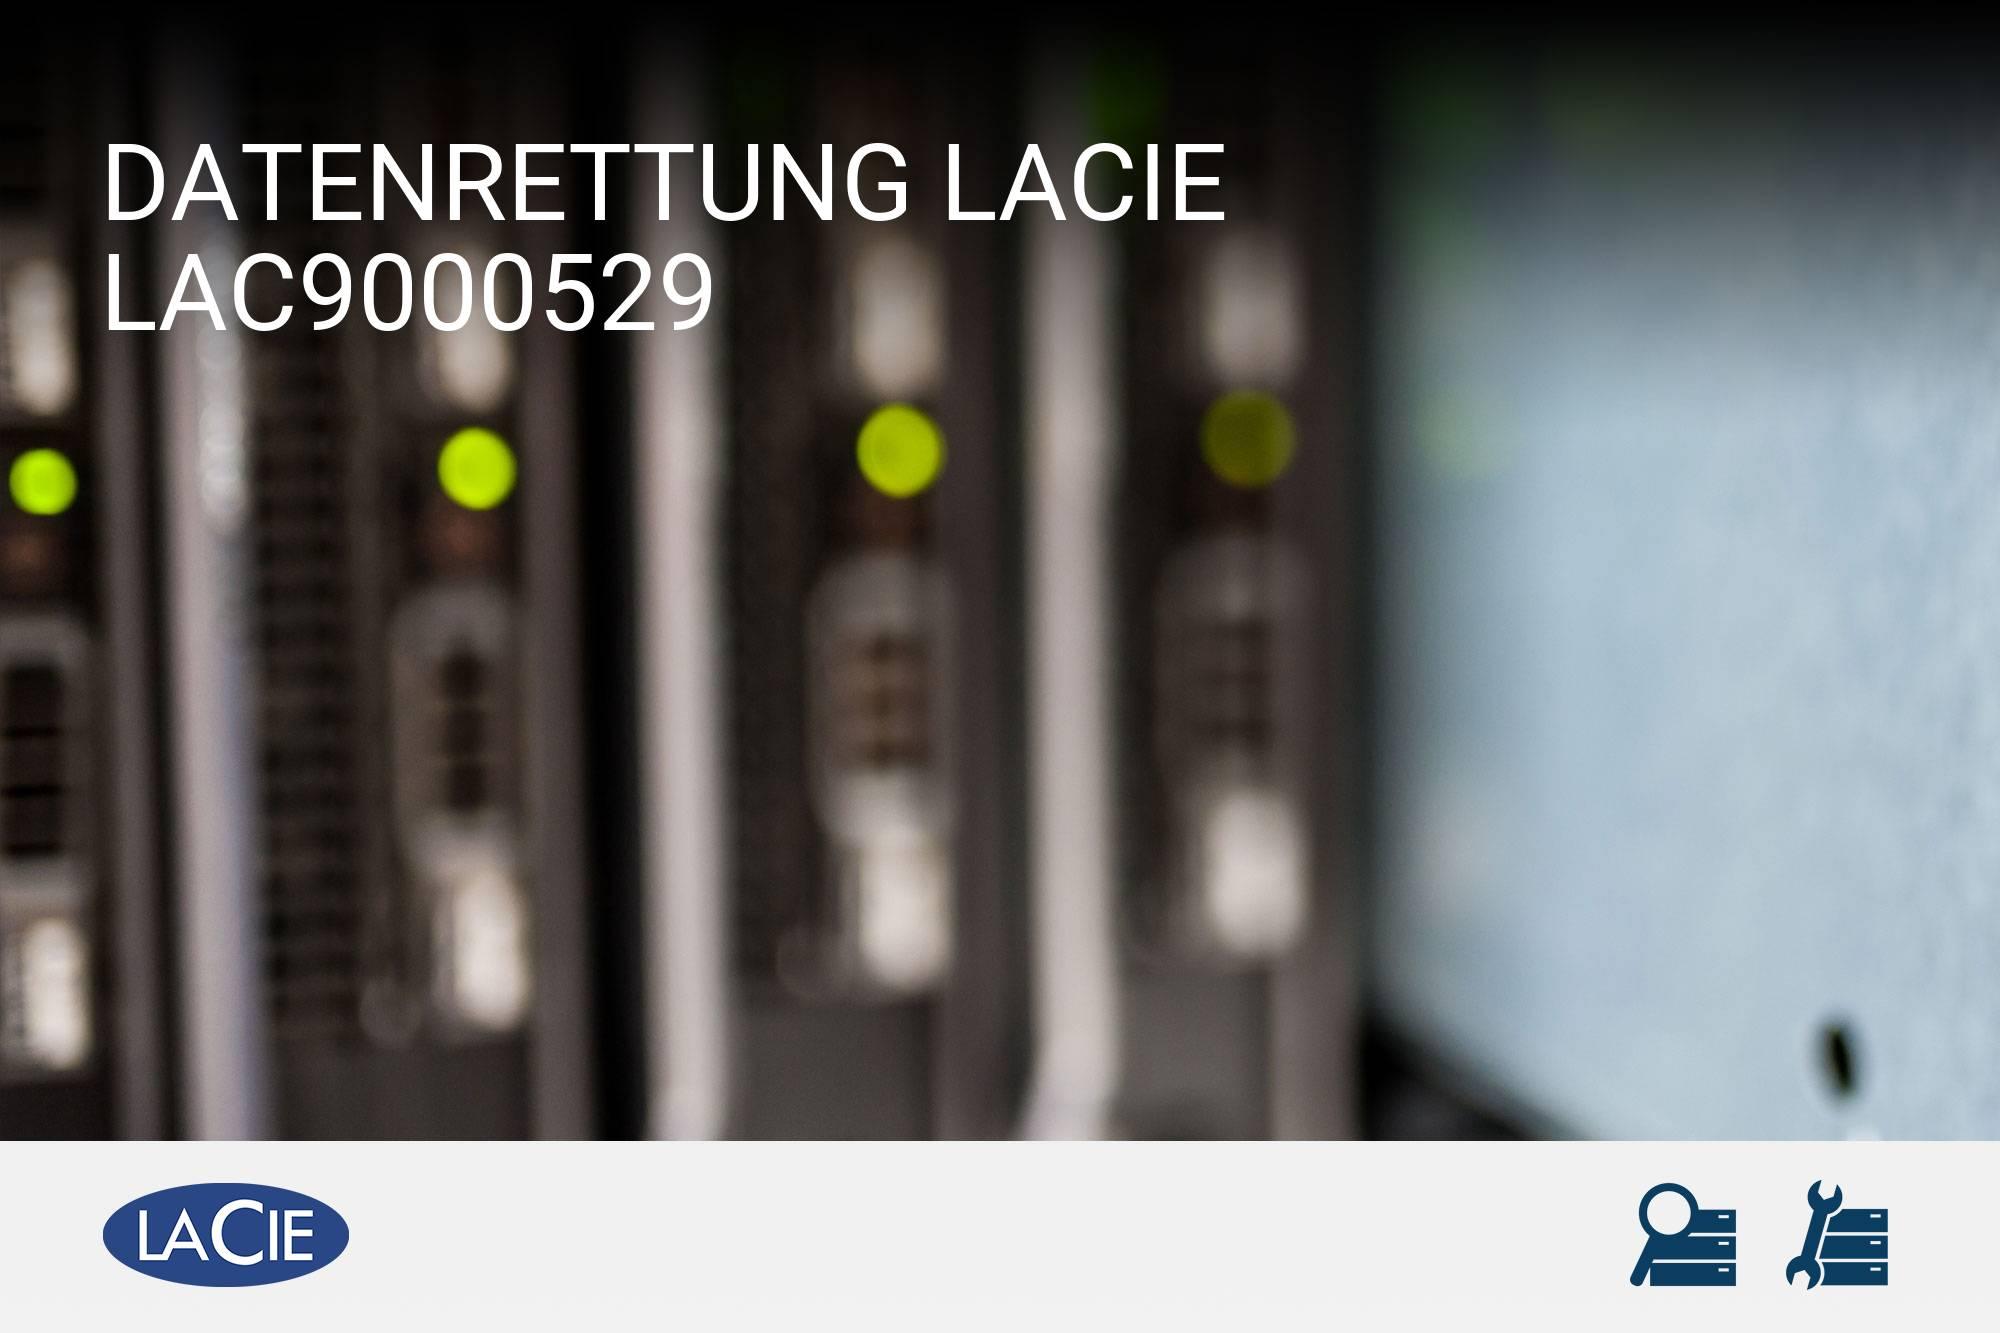 LaCie LAC9000529